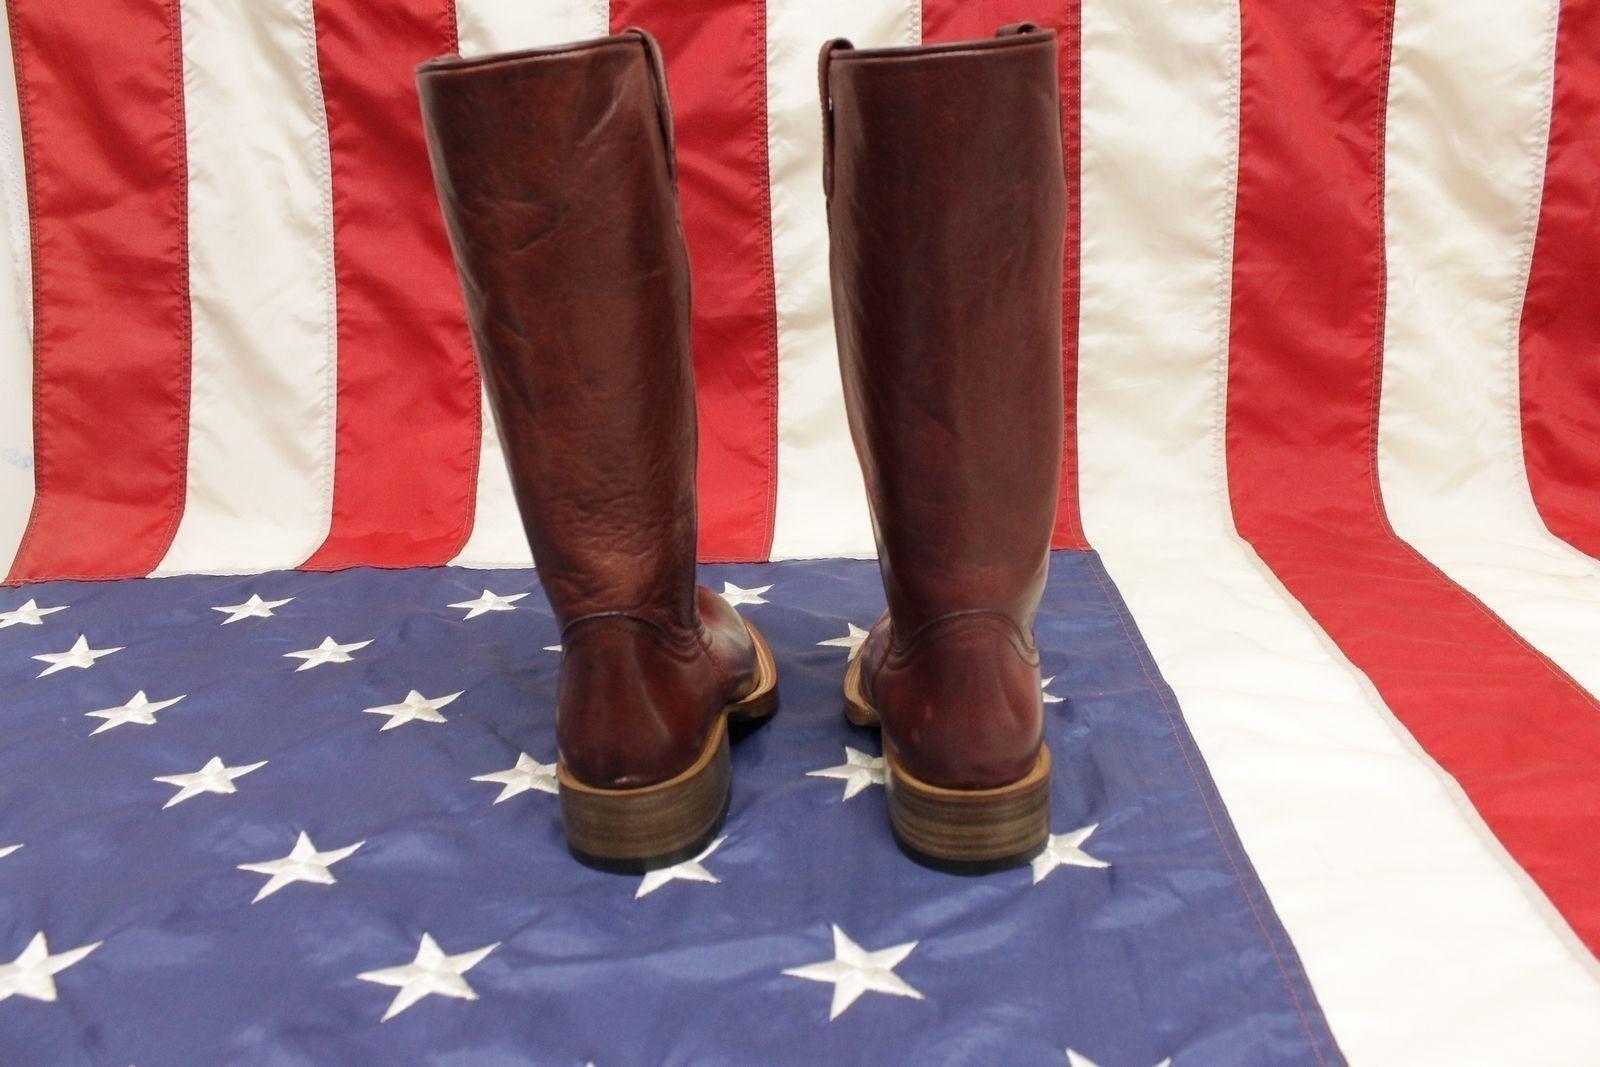 Stiefel Stiefel Stiefel Stiefel N.36 buttero (Cod.STN289) cowboy western bikers Frau neu 8fbd46